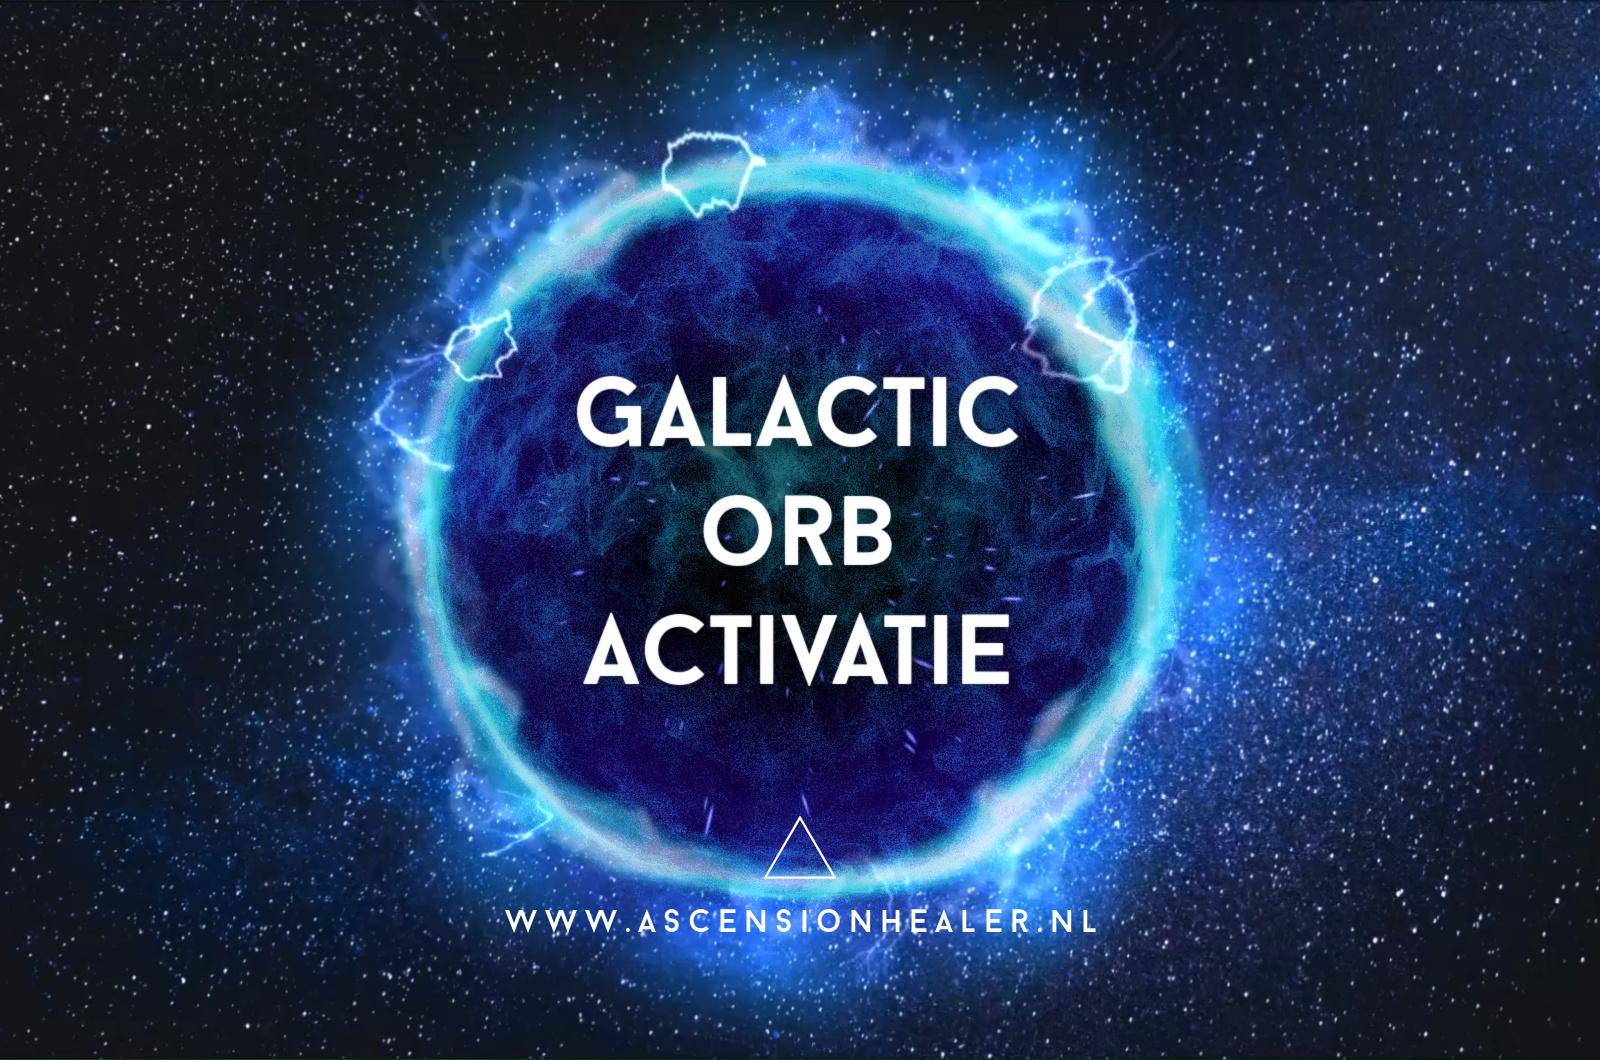 Galactic Orb Activatie